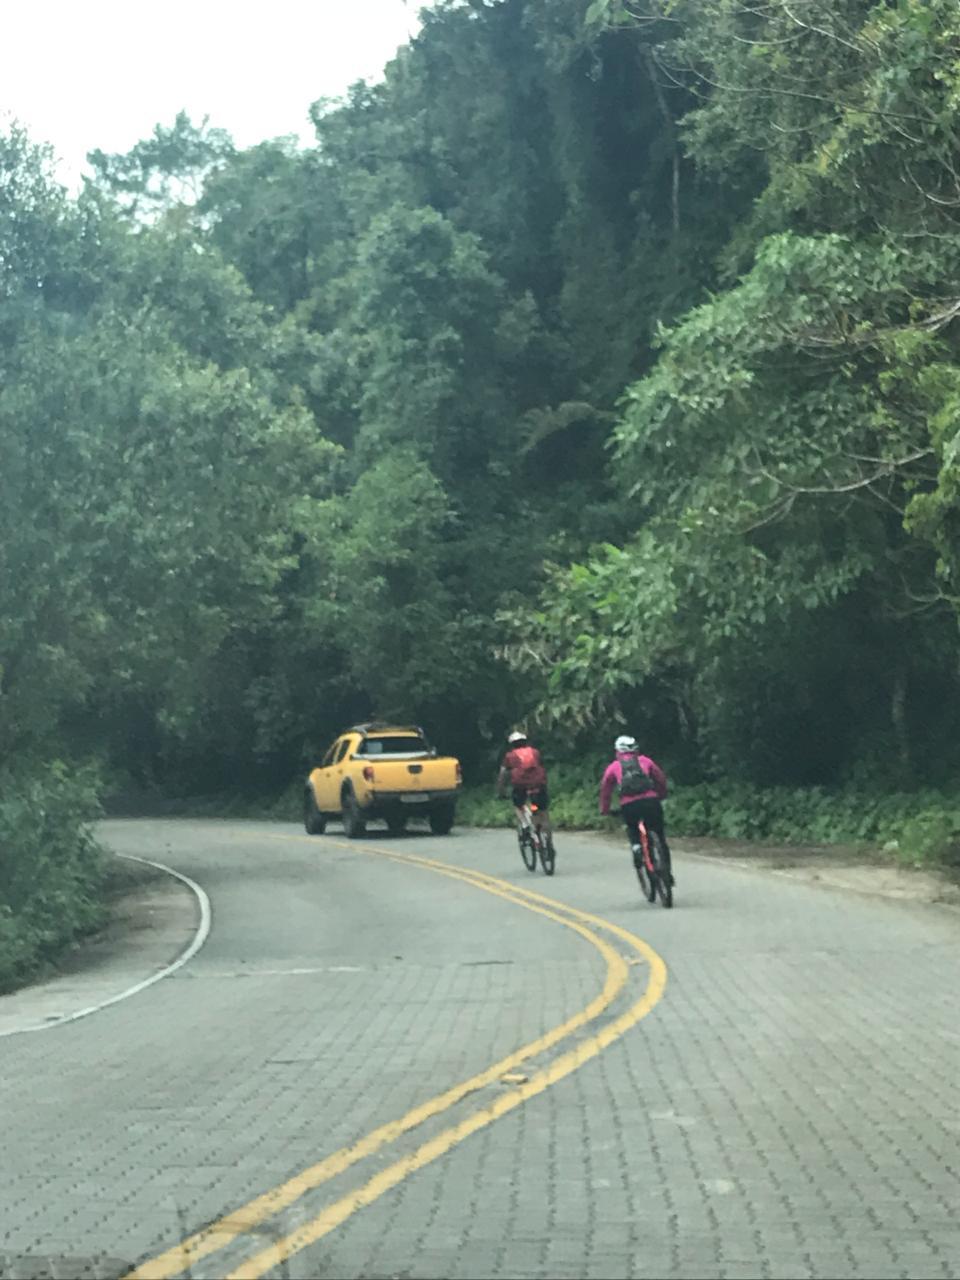 Pedro e Mari na descida, passando os carros no caminho